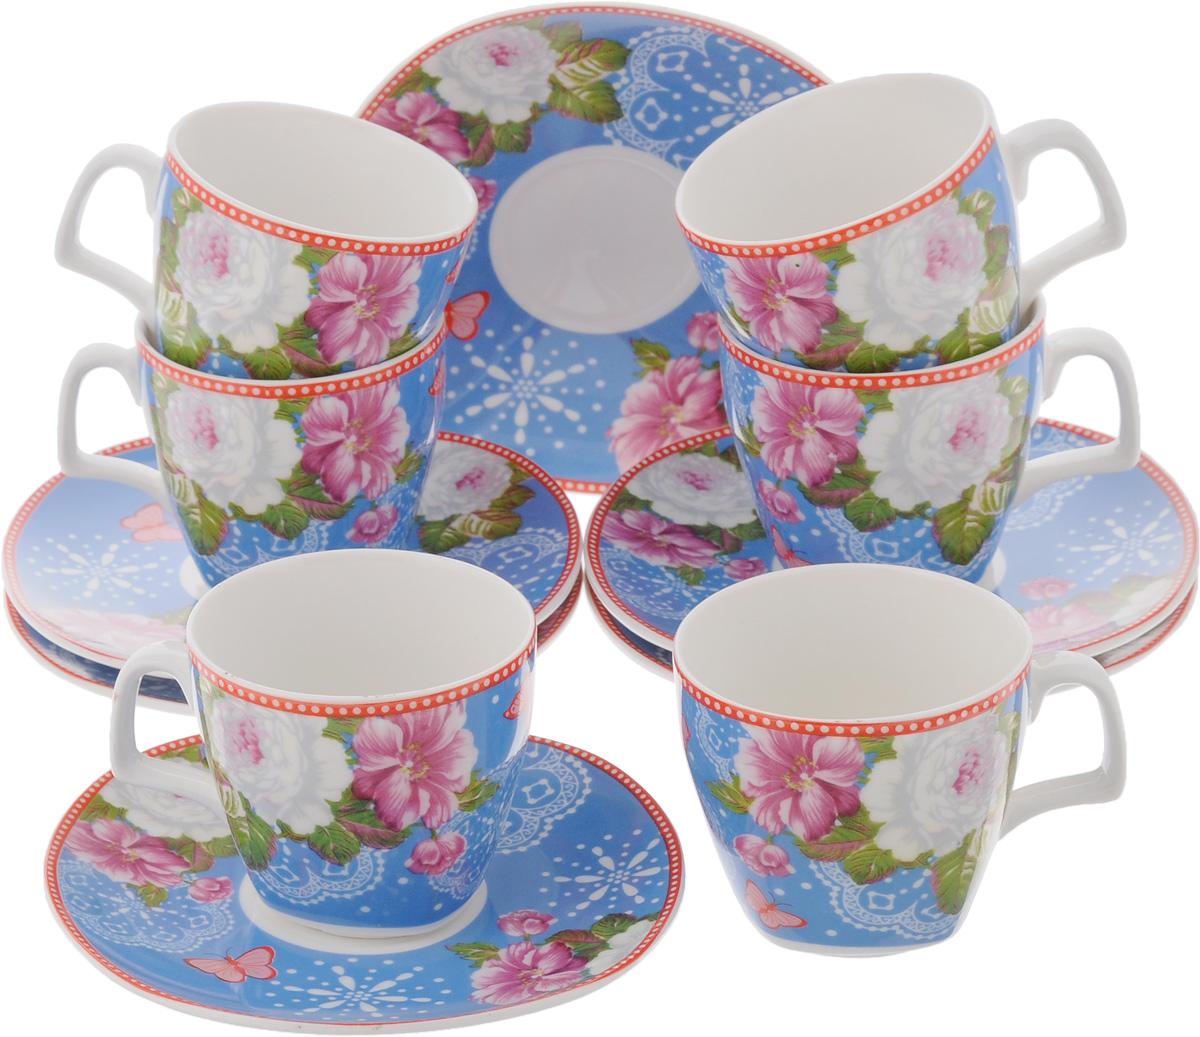 Набор кофейный Loraine Розы, 12 предметов24757Кофейный набор Loraine Розы состоит из 6 чашек и 6 блюдец. Изделия выполнены из высококачественного фарфора, имеют яркий дизайн и классическую круглую форму. Такой набор прекрасно подойдет как для повседневного использования, так и для праздников. Набор Loraine Розы - это не только яркий и полезный подарок для родных и близких, а также великолепное дизайнерское решение для вашей кухни или столовой. Диаметр чашки (по верхнему краю): 6 см. Высота чашки: 6 см. Диаметр блюдца (по верхнему краю): 12 см. Высота блюдца: 1,5 см.Объем чашки: 80 мл.